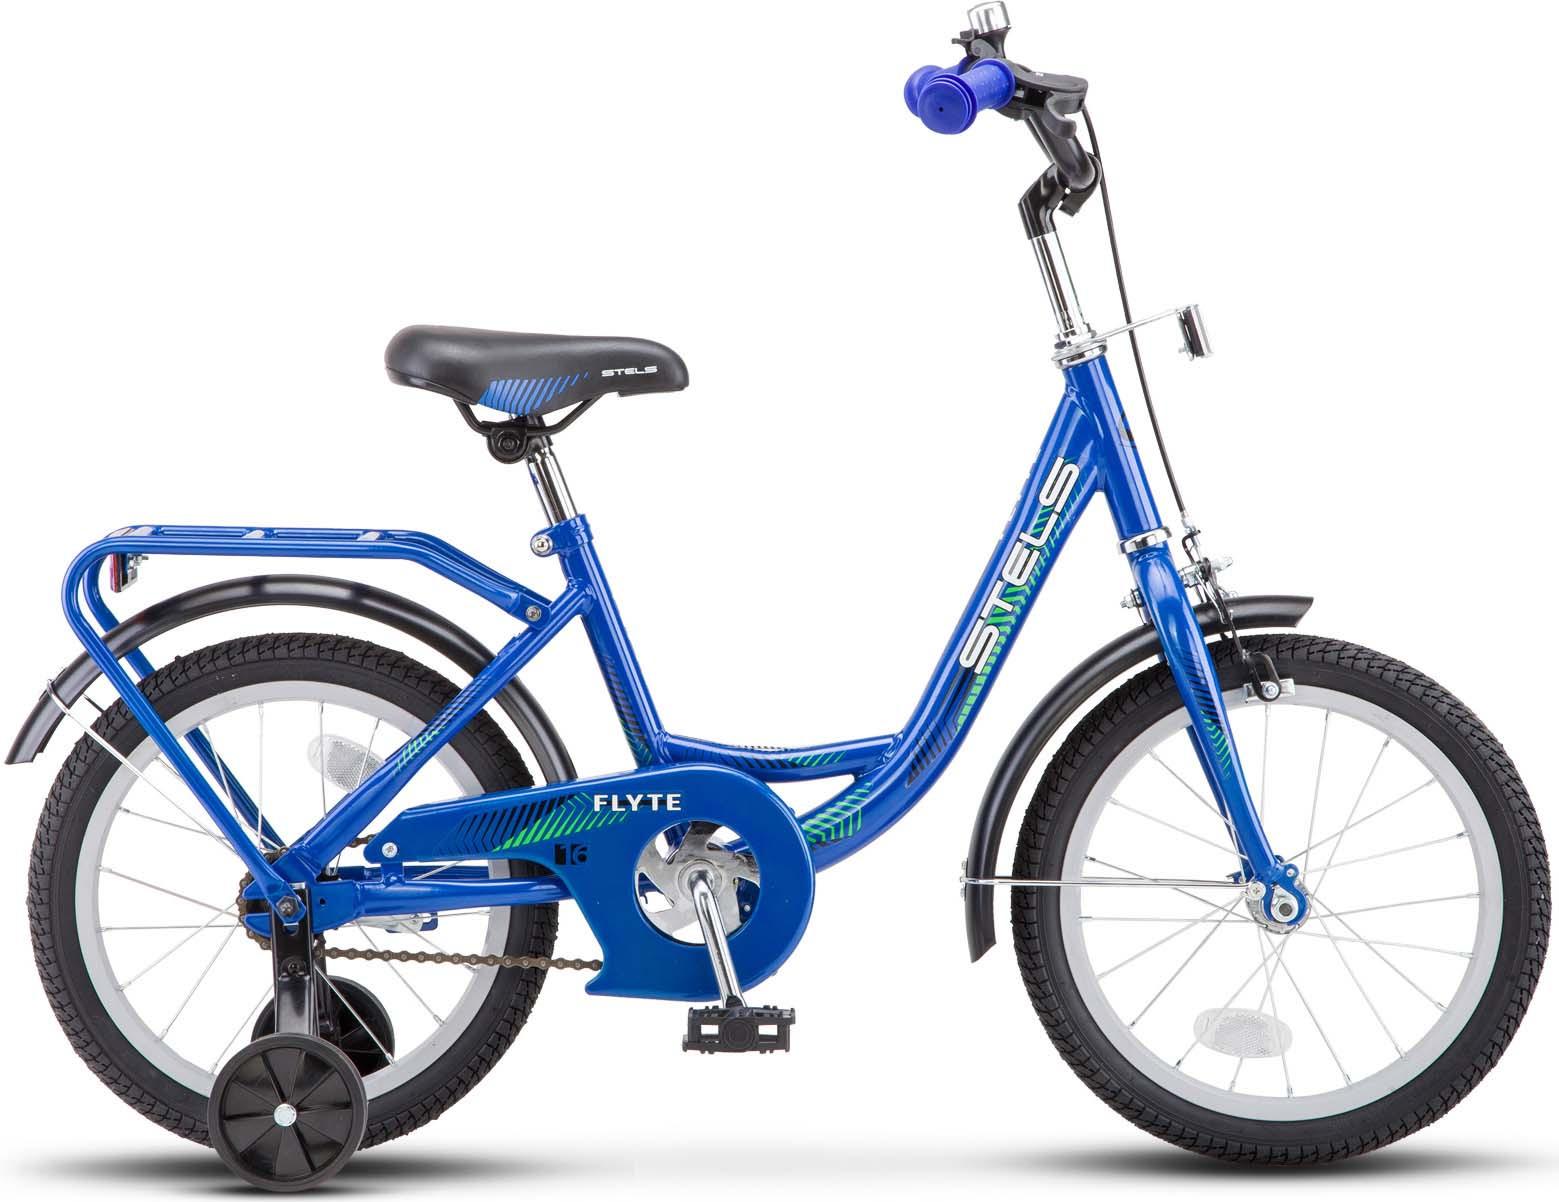 Велосипед Stels Flyte 9,5, JU000183142018, белый/синий недорго, оригинальная цена